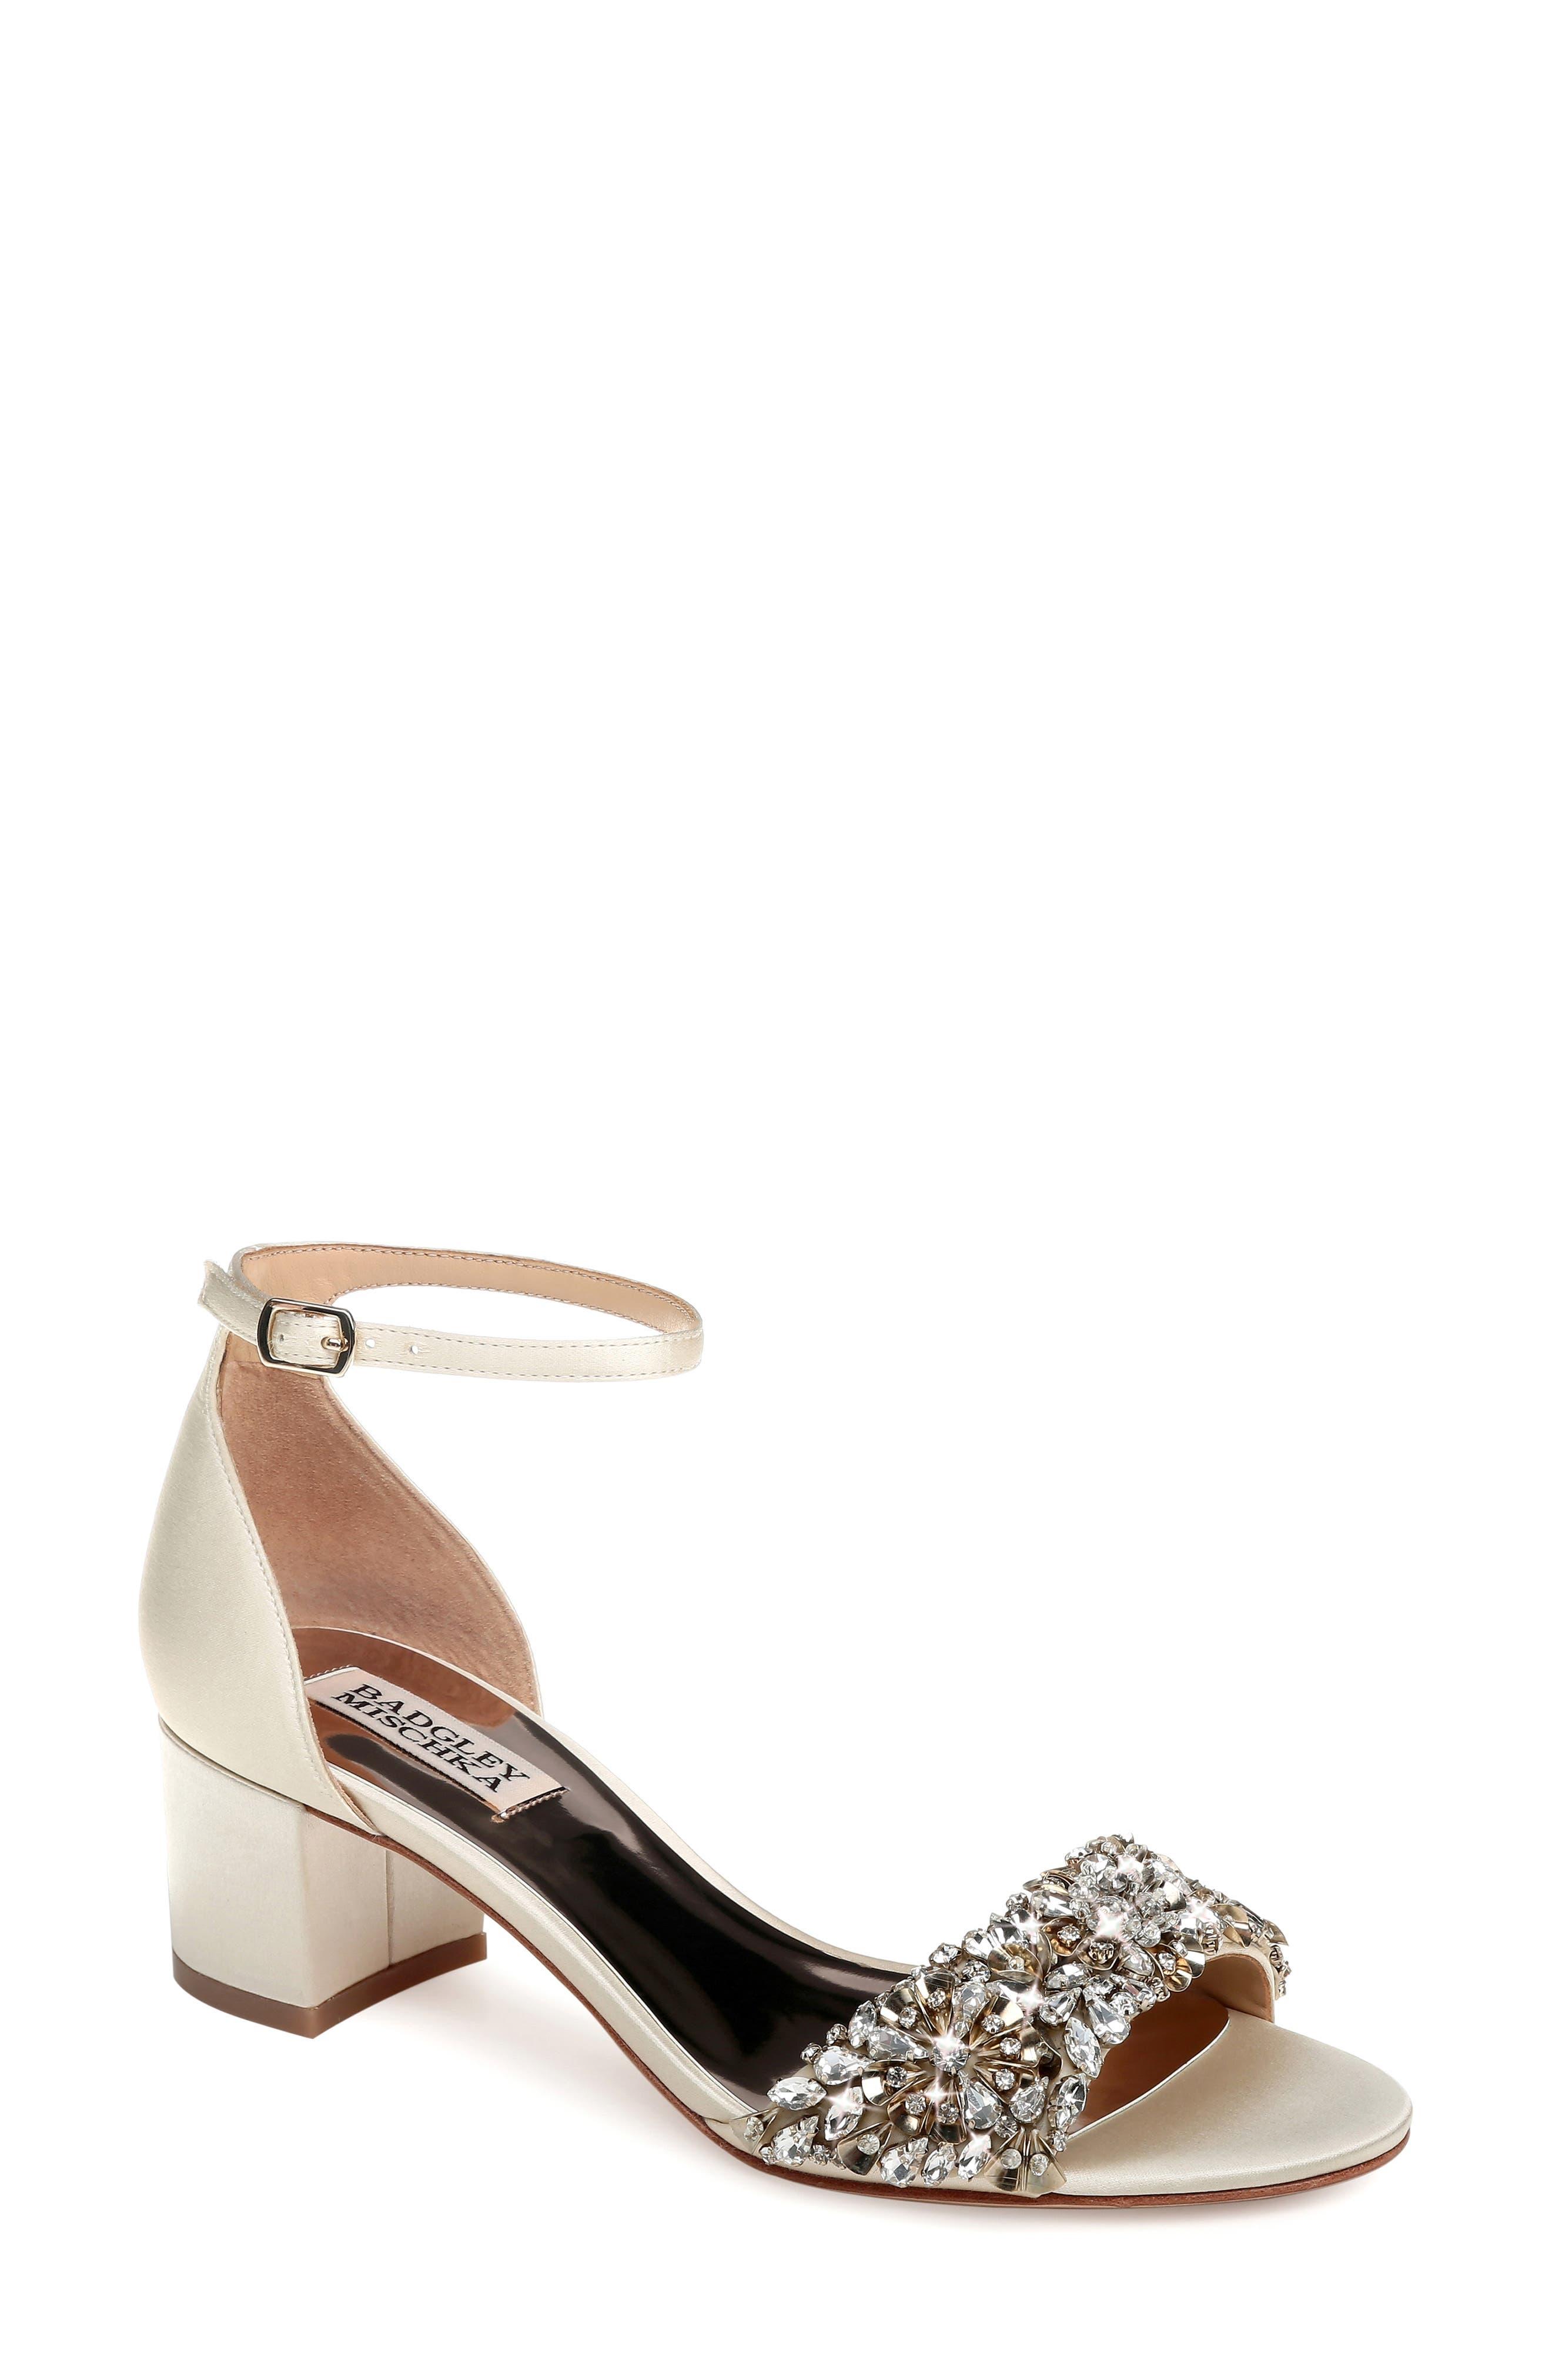 Badgley Mischka Vega Crystal Embellished Sandal